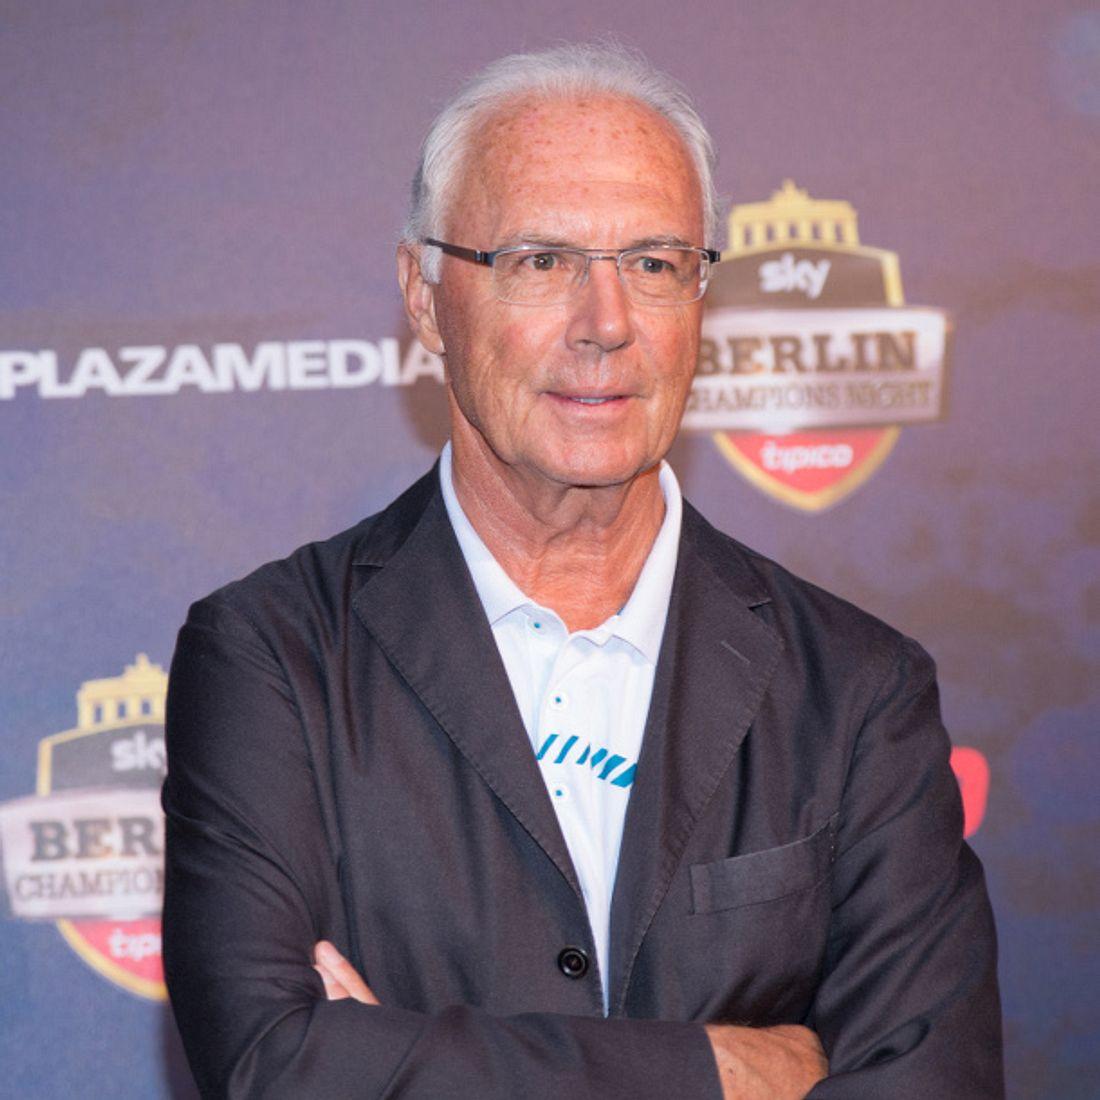 Franz Beckenbauer: Seine Freunde sind in Sorge!